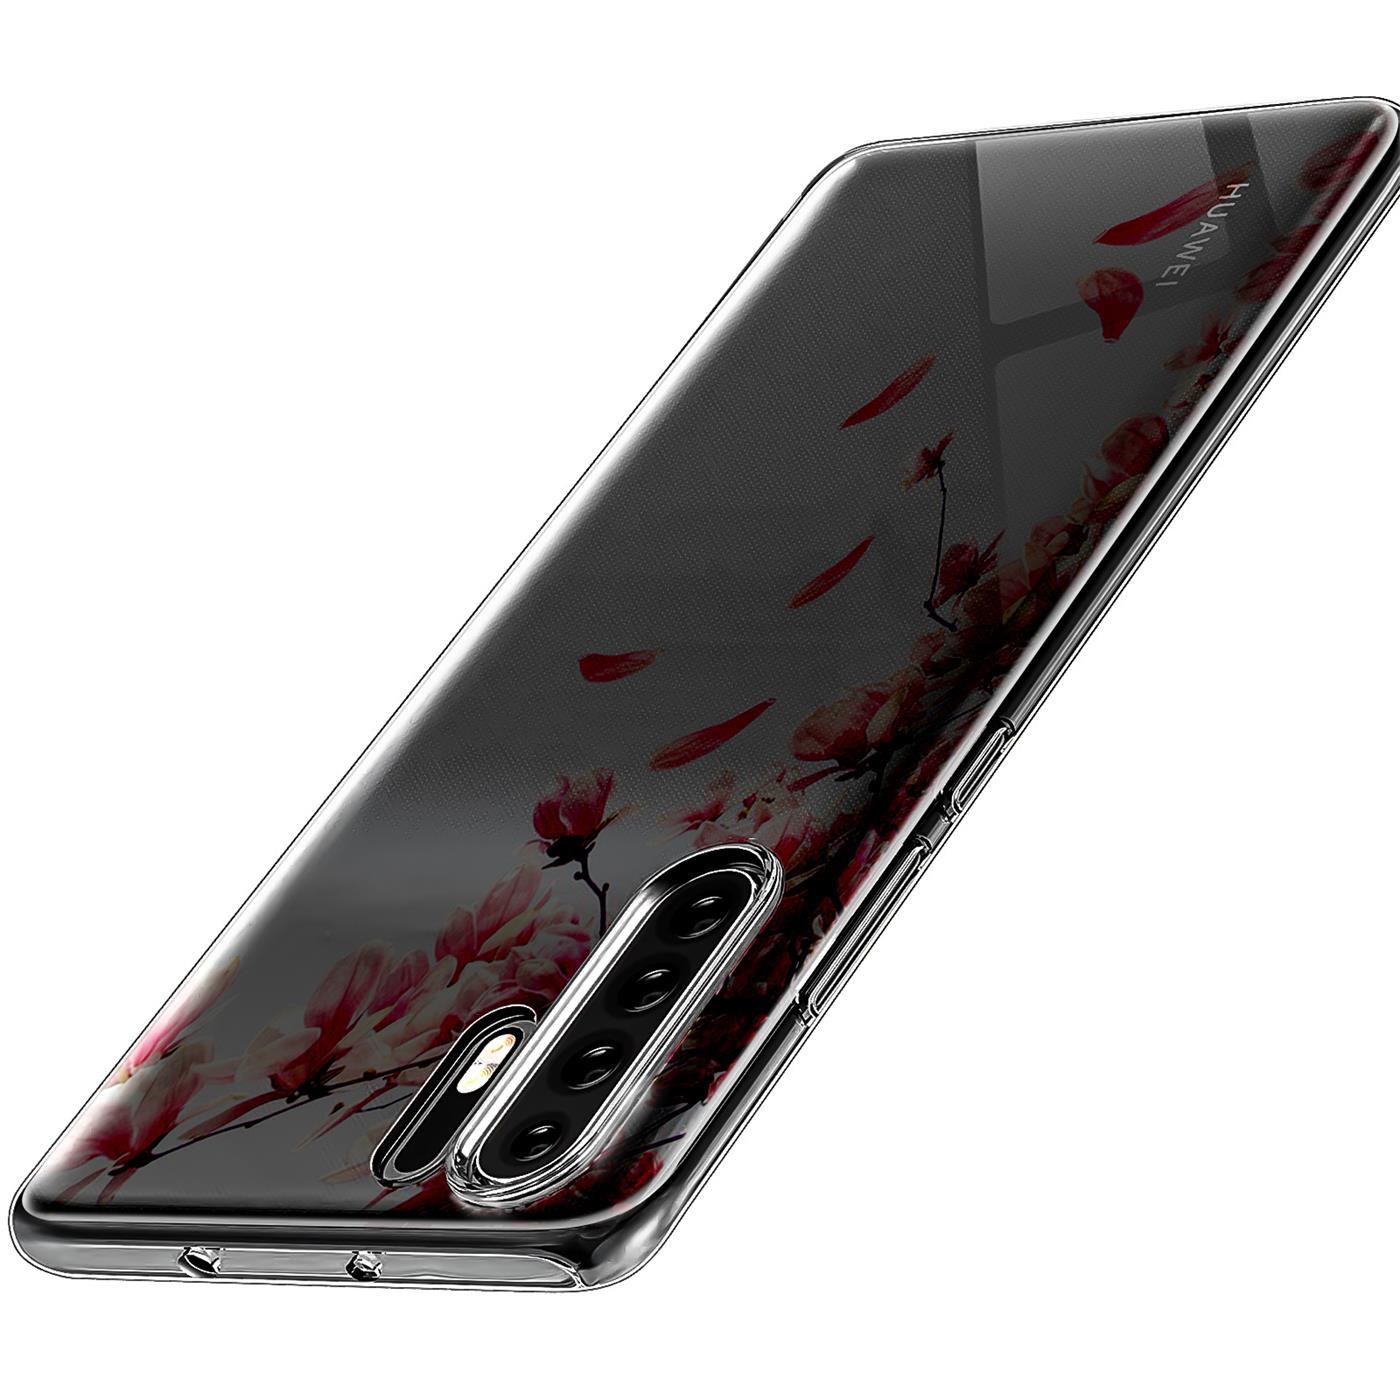 Huawei-P30-Lite-Motiv-Handy-Huelle-Silikon-Tasche-Schutzhuelle-Cover-Slim-TPU-Case Indexbild 37